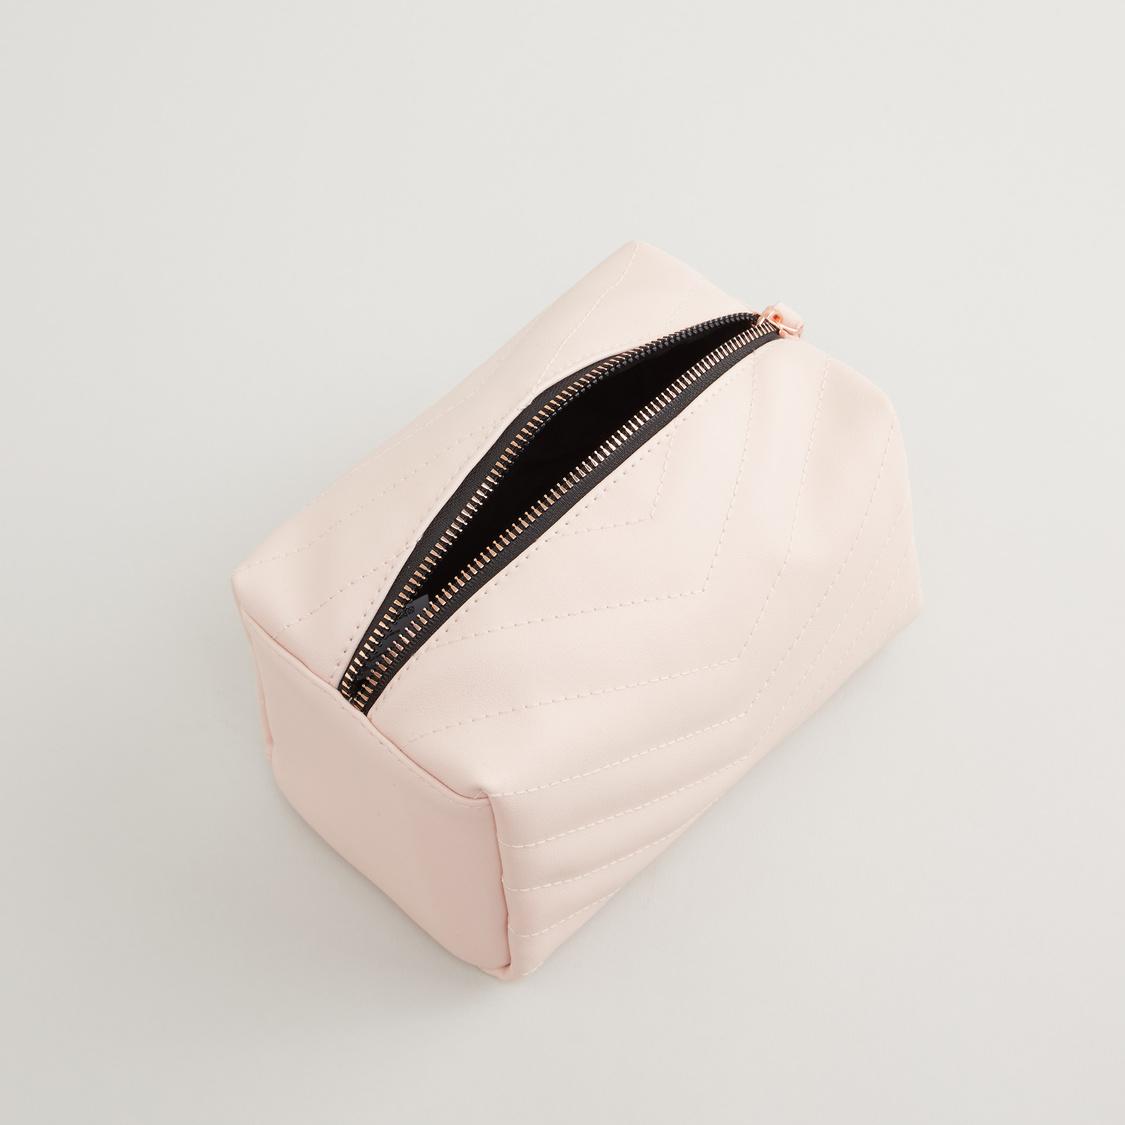 حقيبة صغيرة بارزة الملمس مع سحاّب